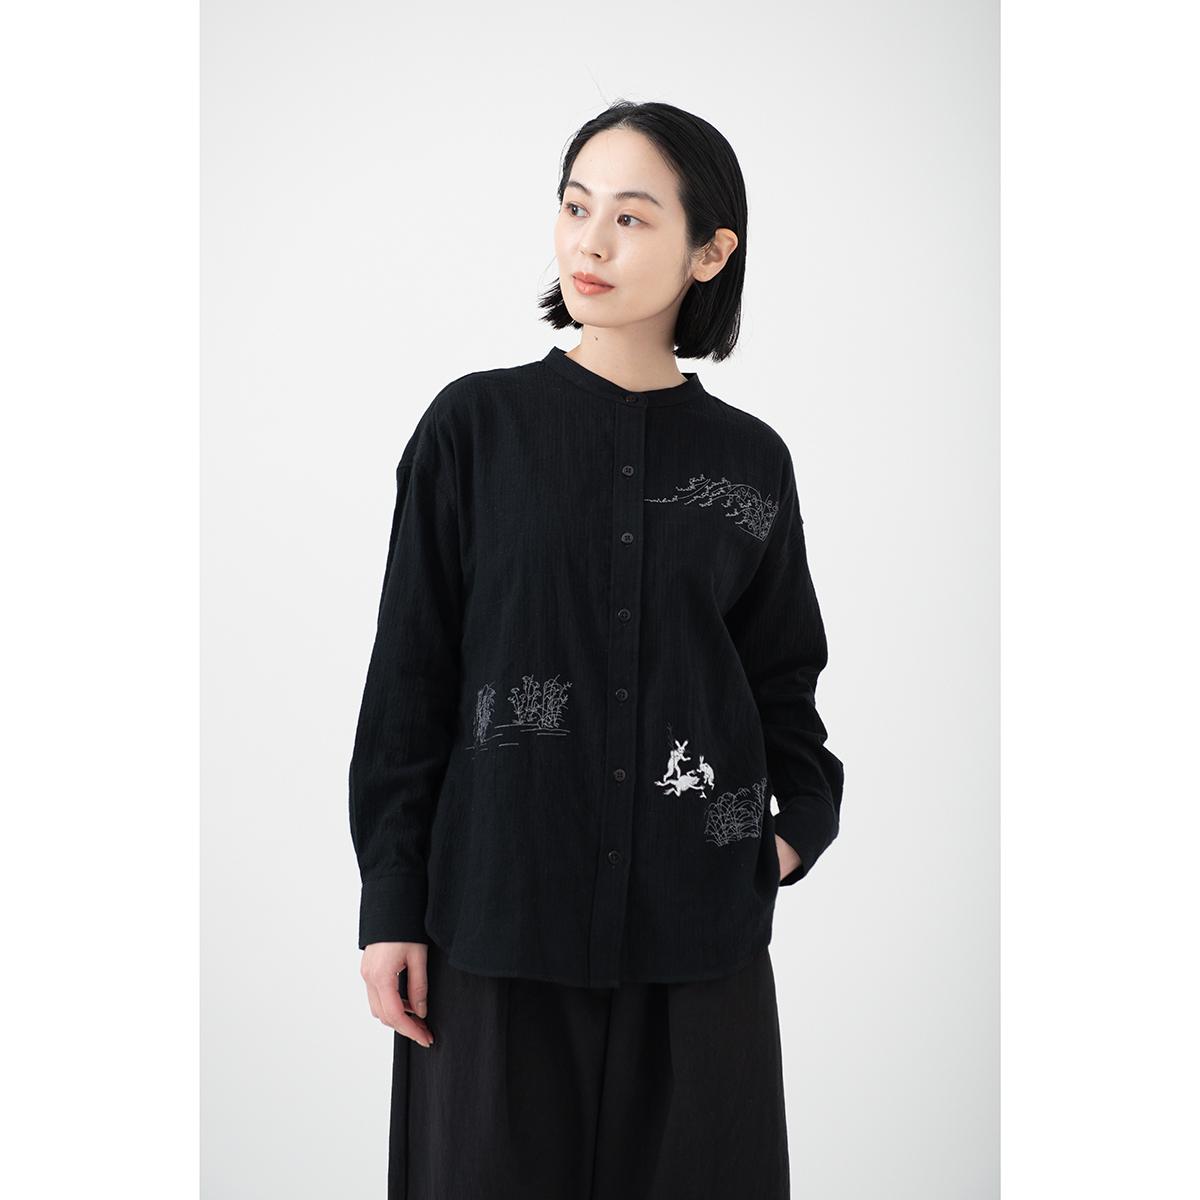 KY17-676B/ふんわりスタンドカラーシャツ(黒)/ひっくり蛙(黒)